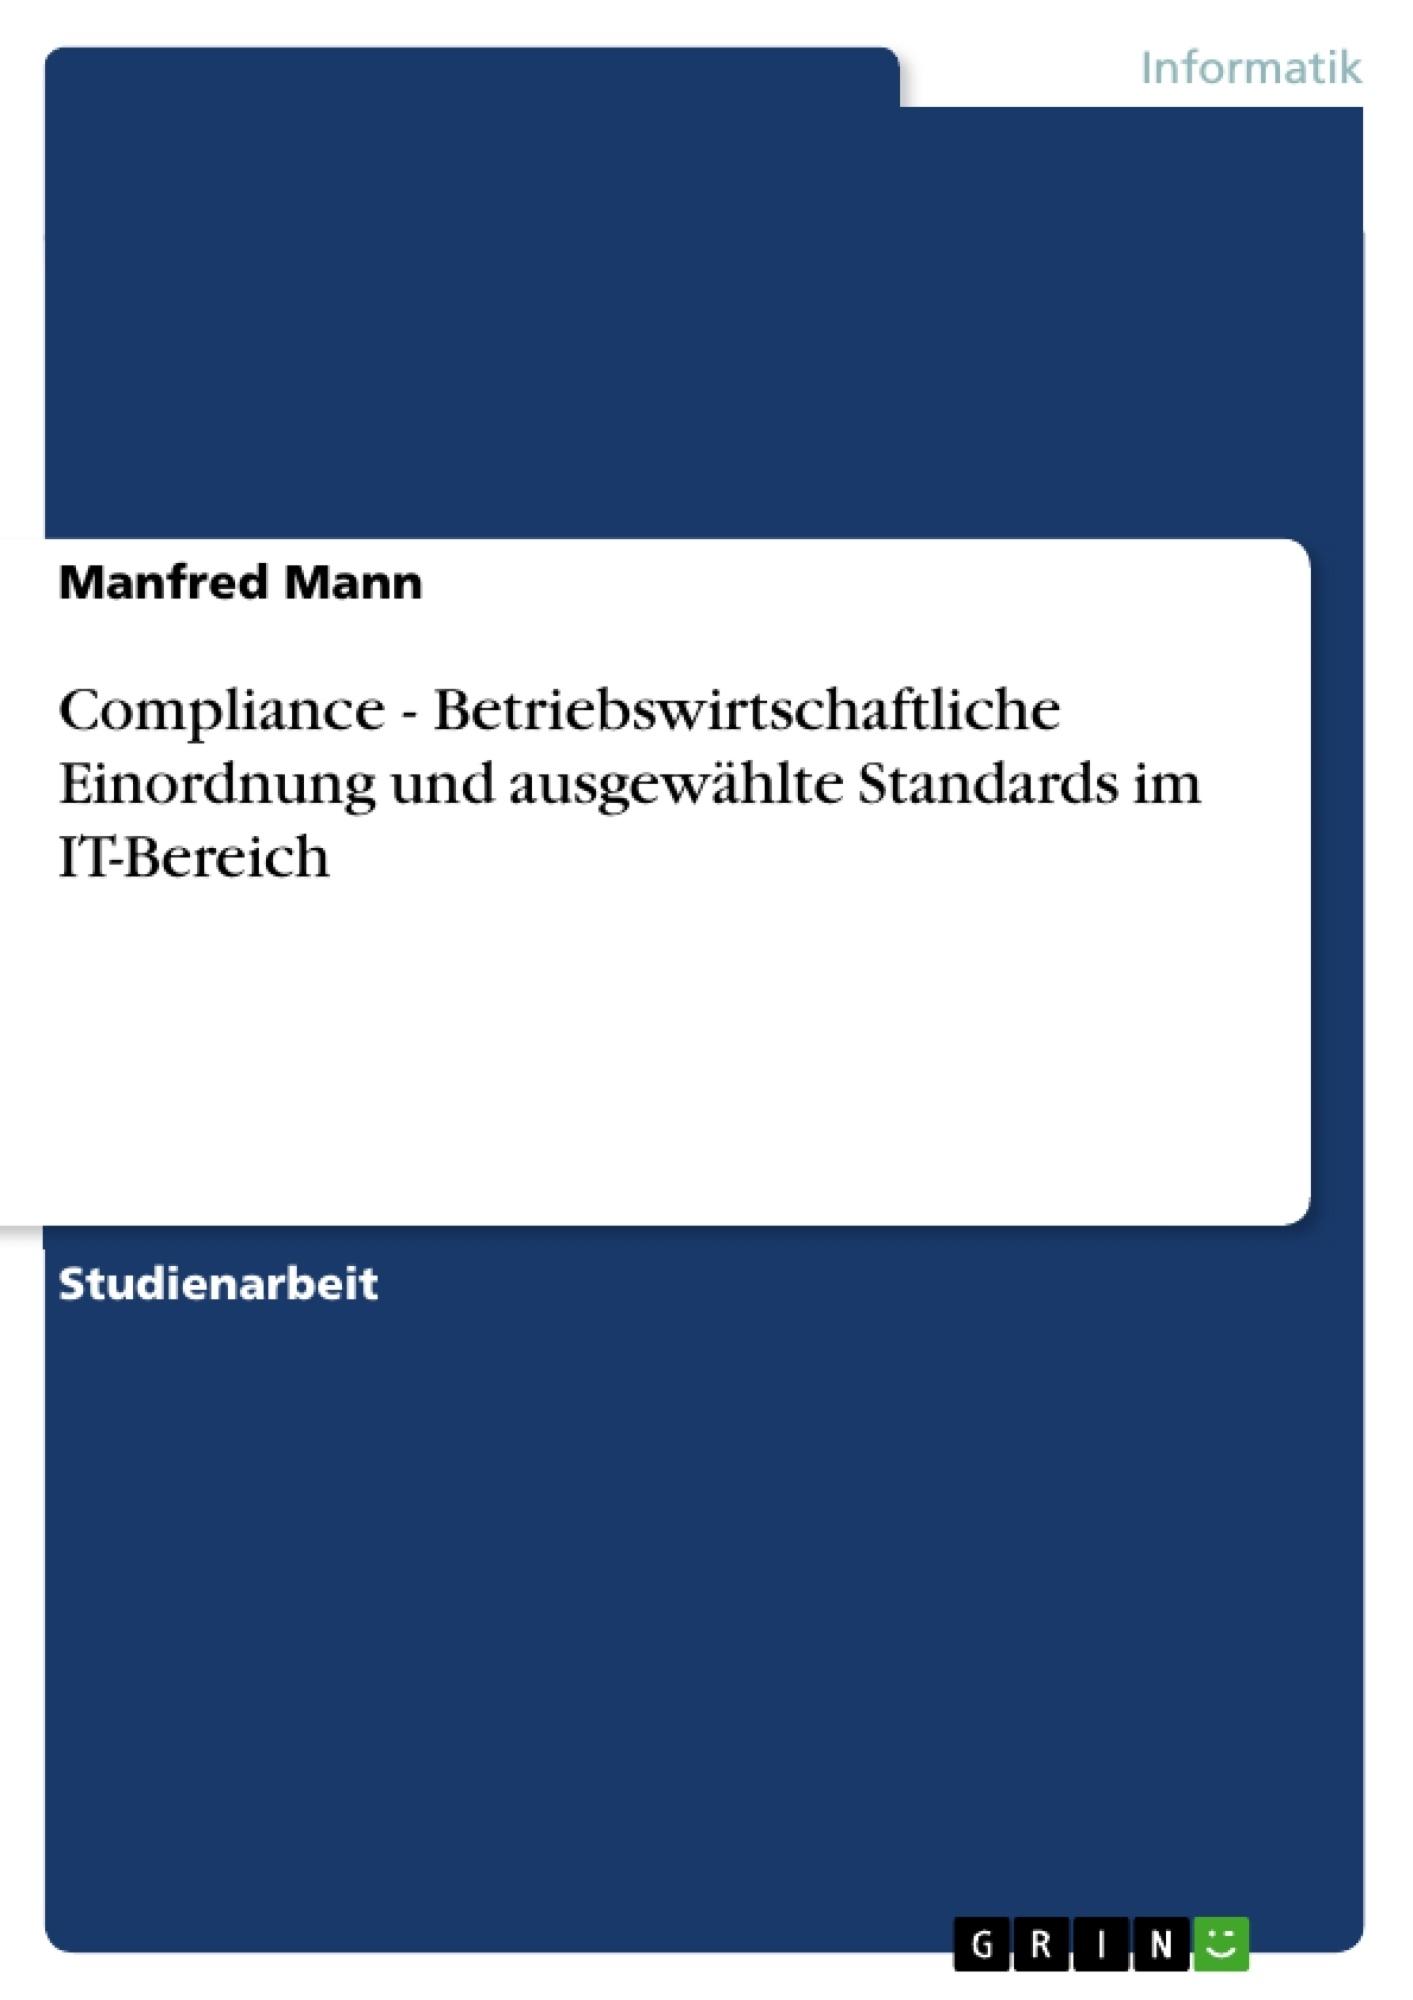 Titel: Compliance - Betriebswirtschaftliche Einordnung und ausgewählte Standards im IT-Bereich